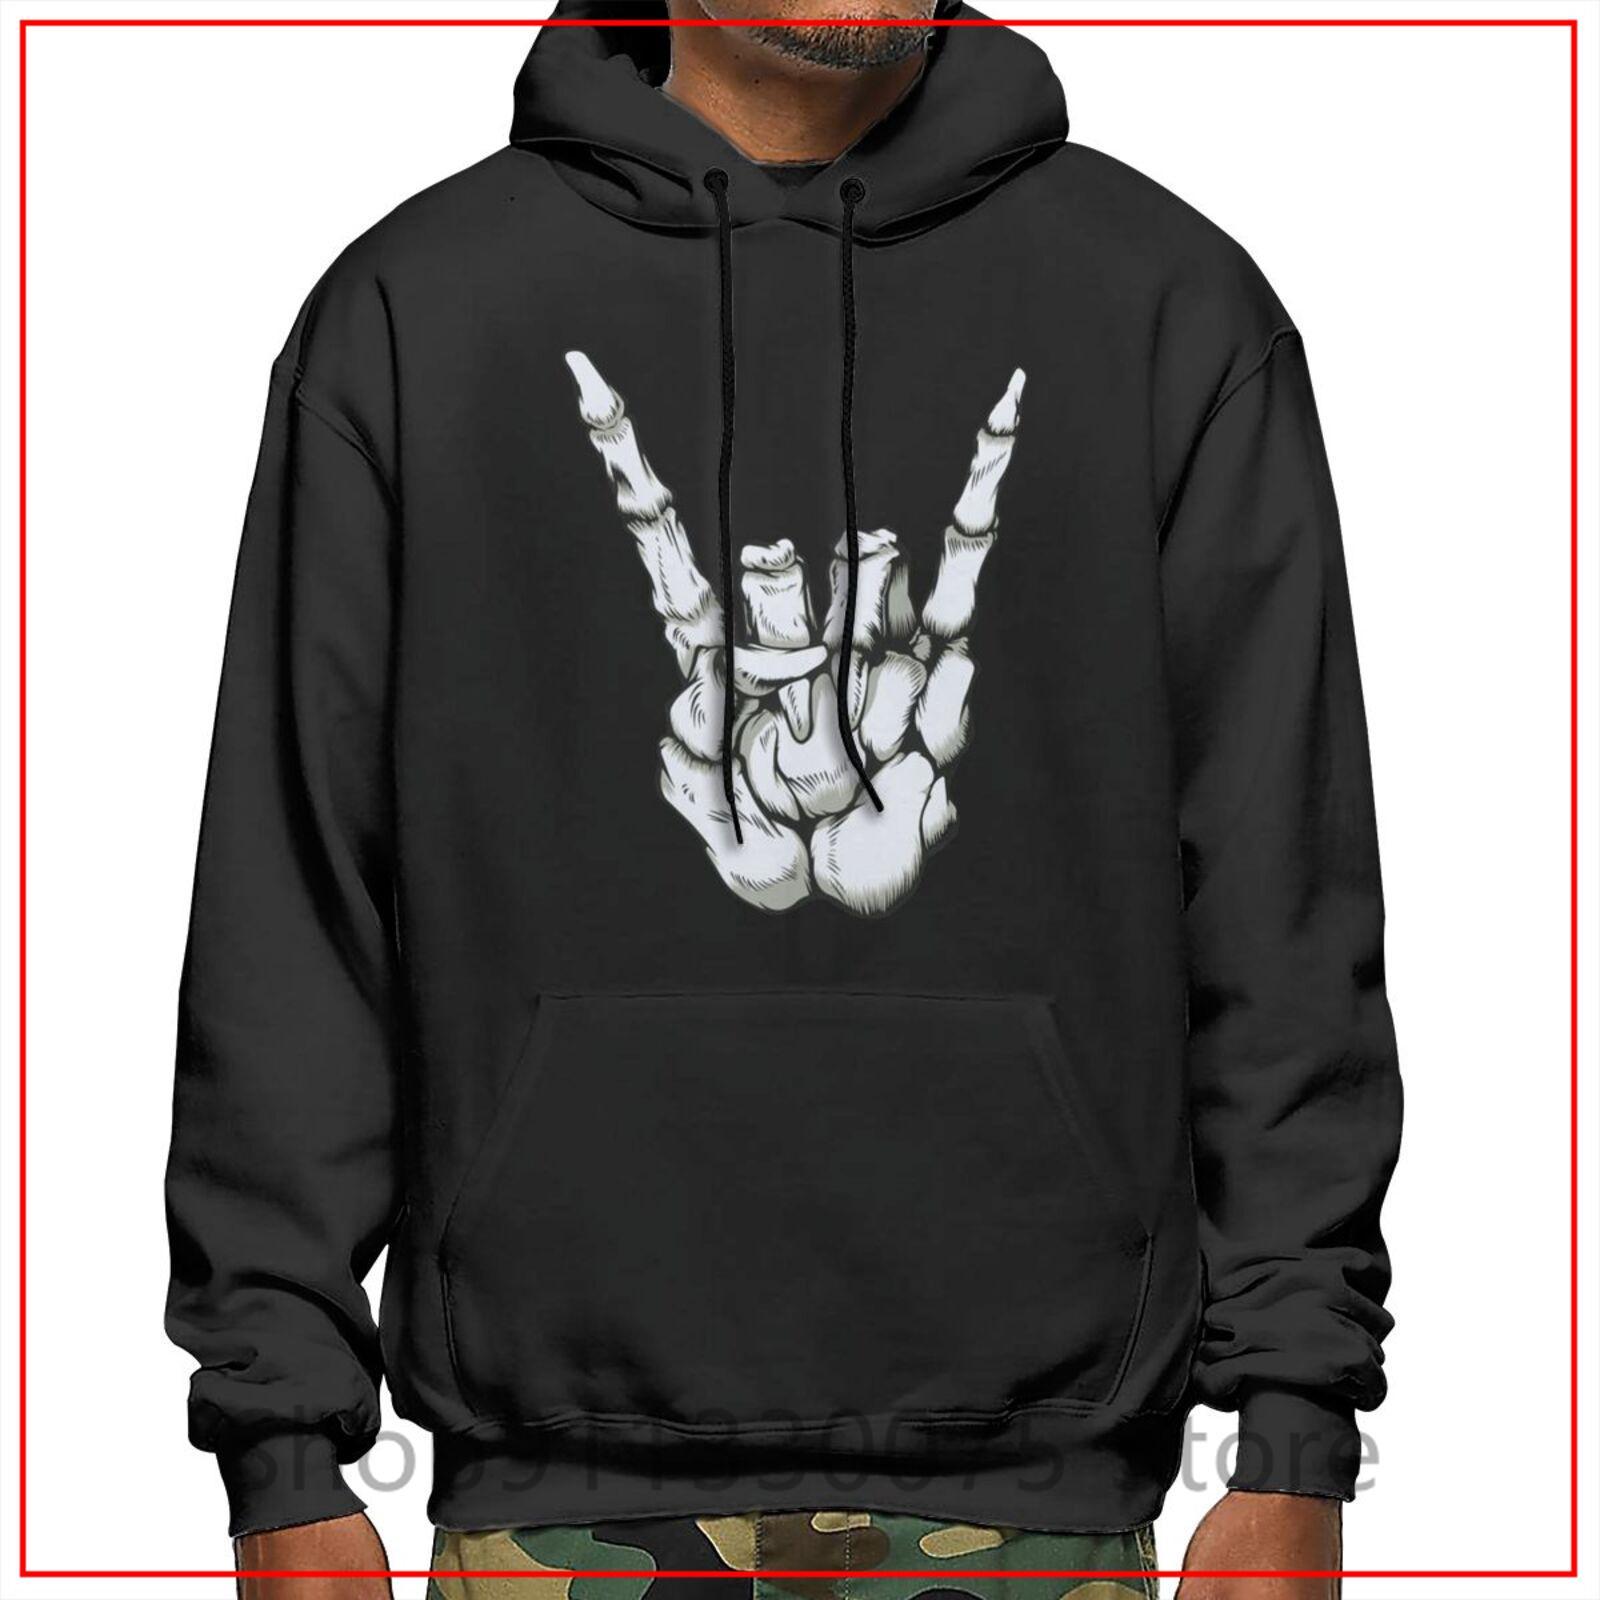 Rock bolso design mens hoodies vestuário superdimensed hombre moletom homem manga moda jersey casal harajuku hip hop x1021